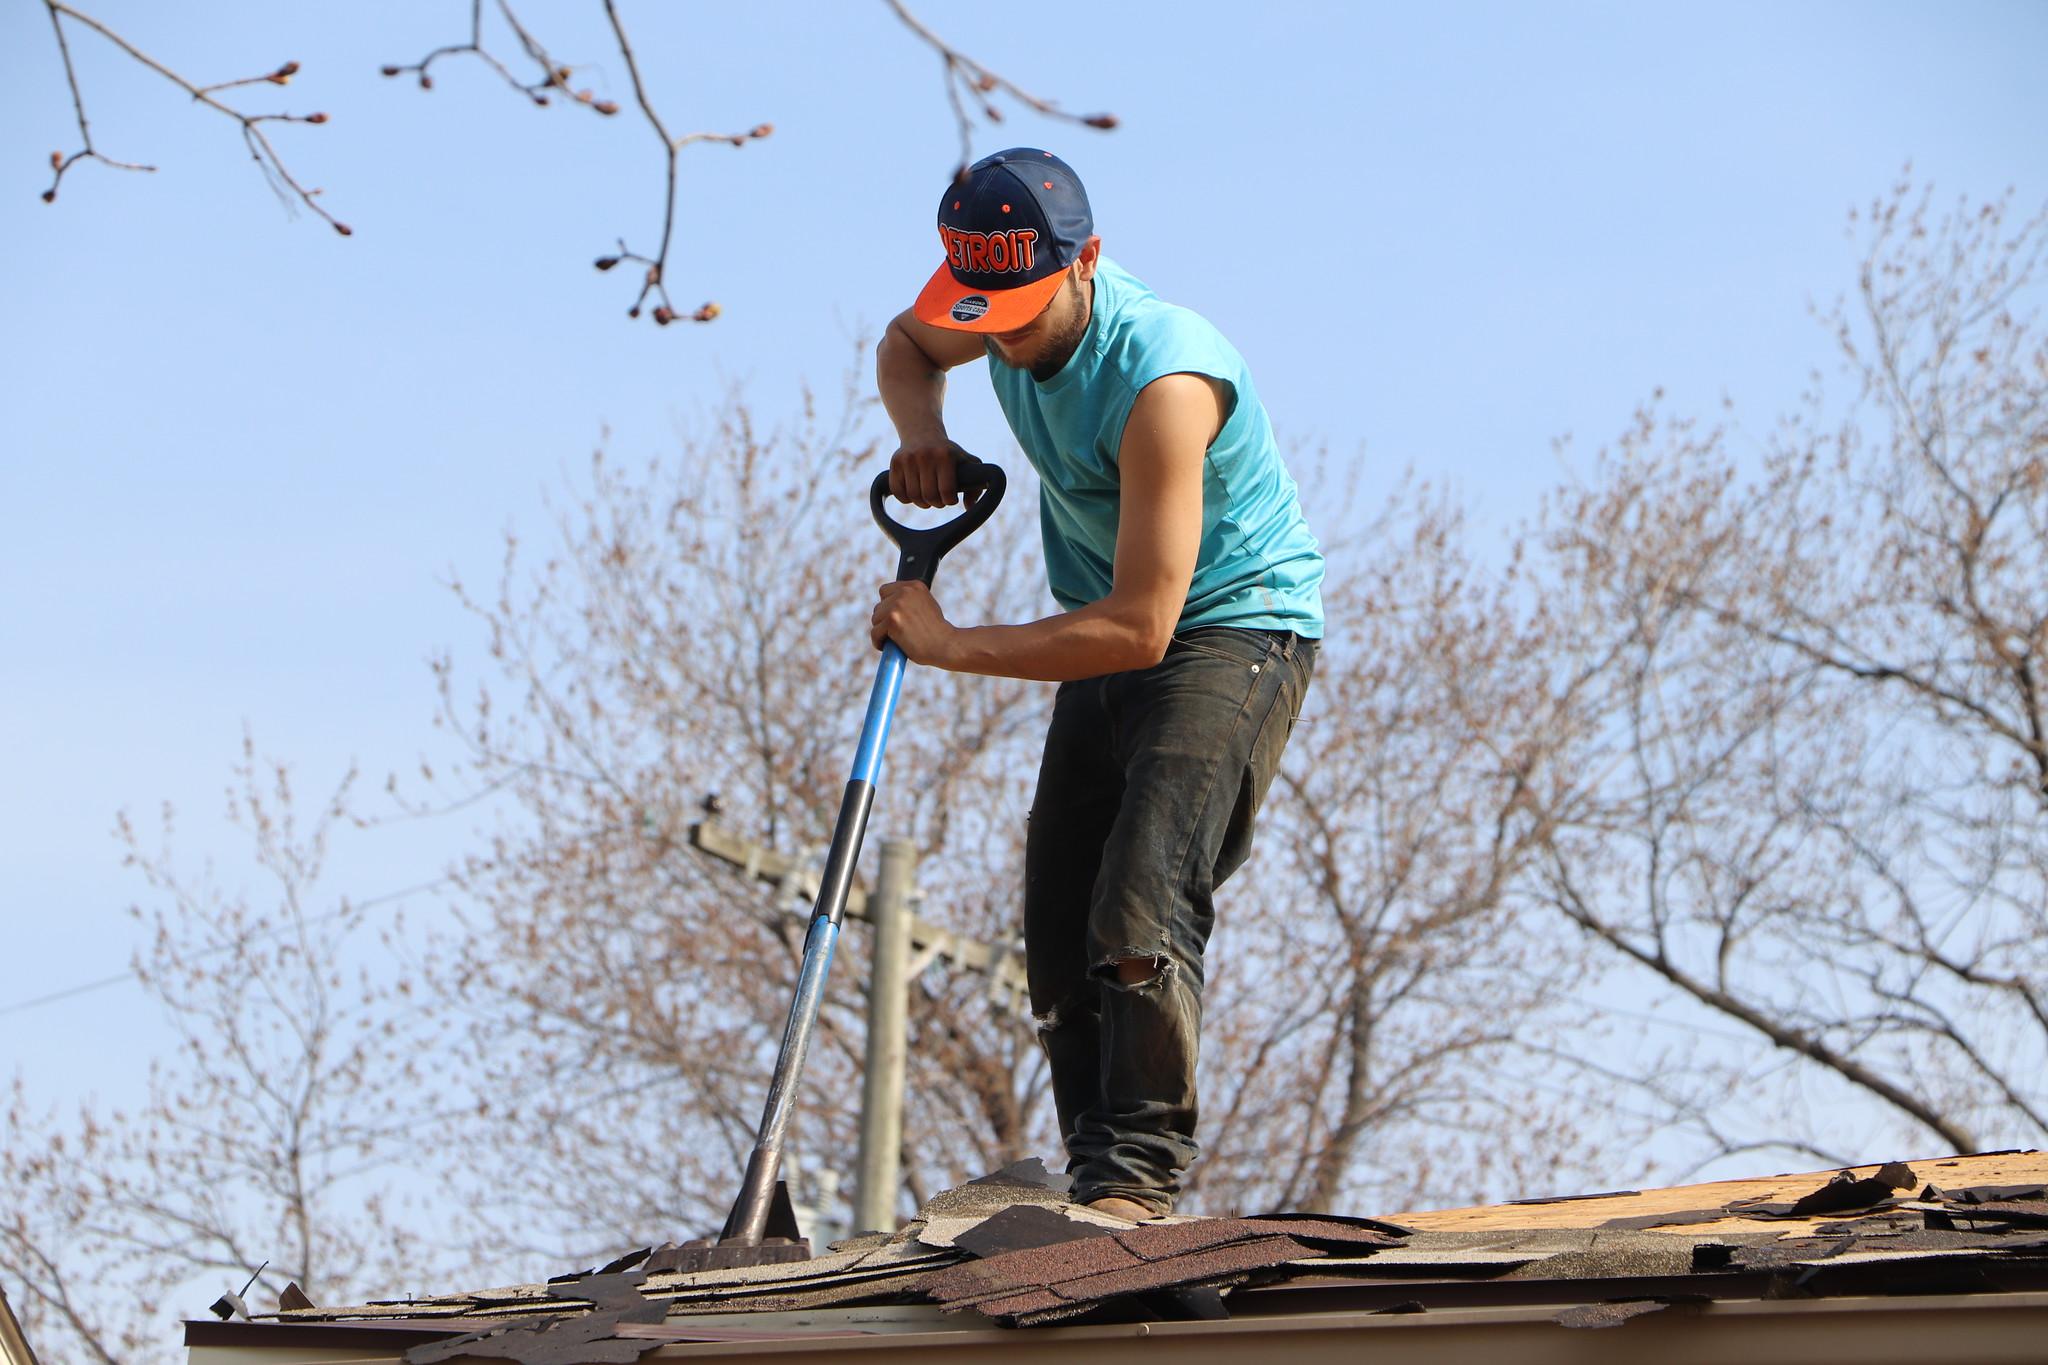 roofingdearborn-contractors.jpg (2048×1365)